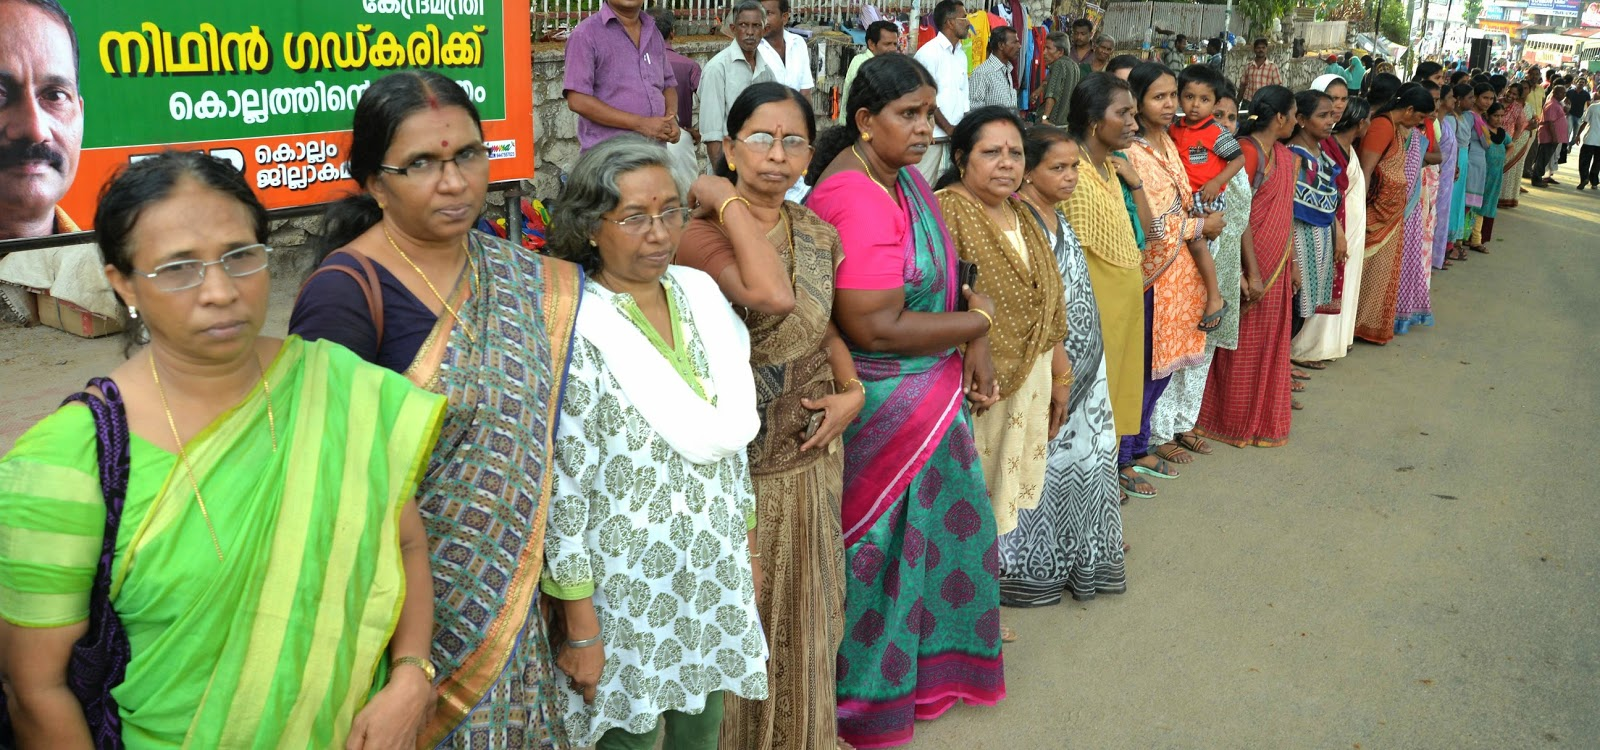 صنفی عدم مساوات کے خلاف لاکھوں بھارتی خواتین نے انسانی زنجیر بناڈالی